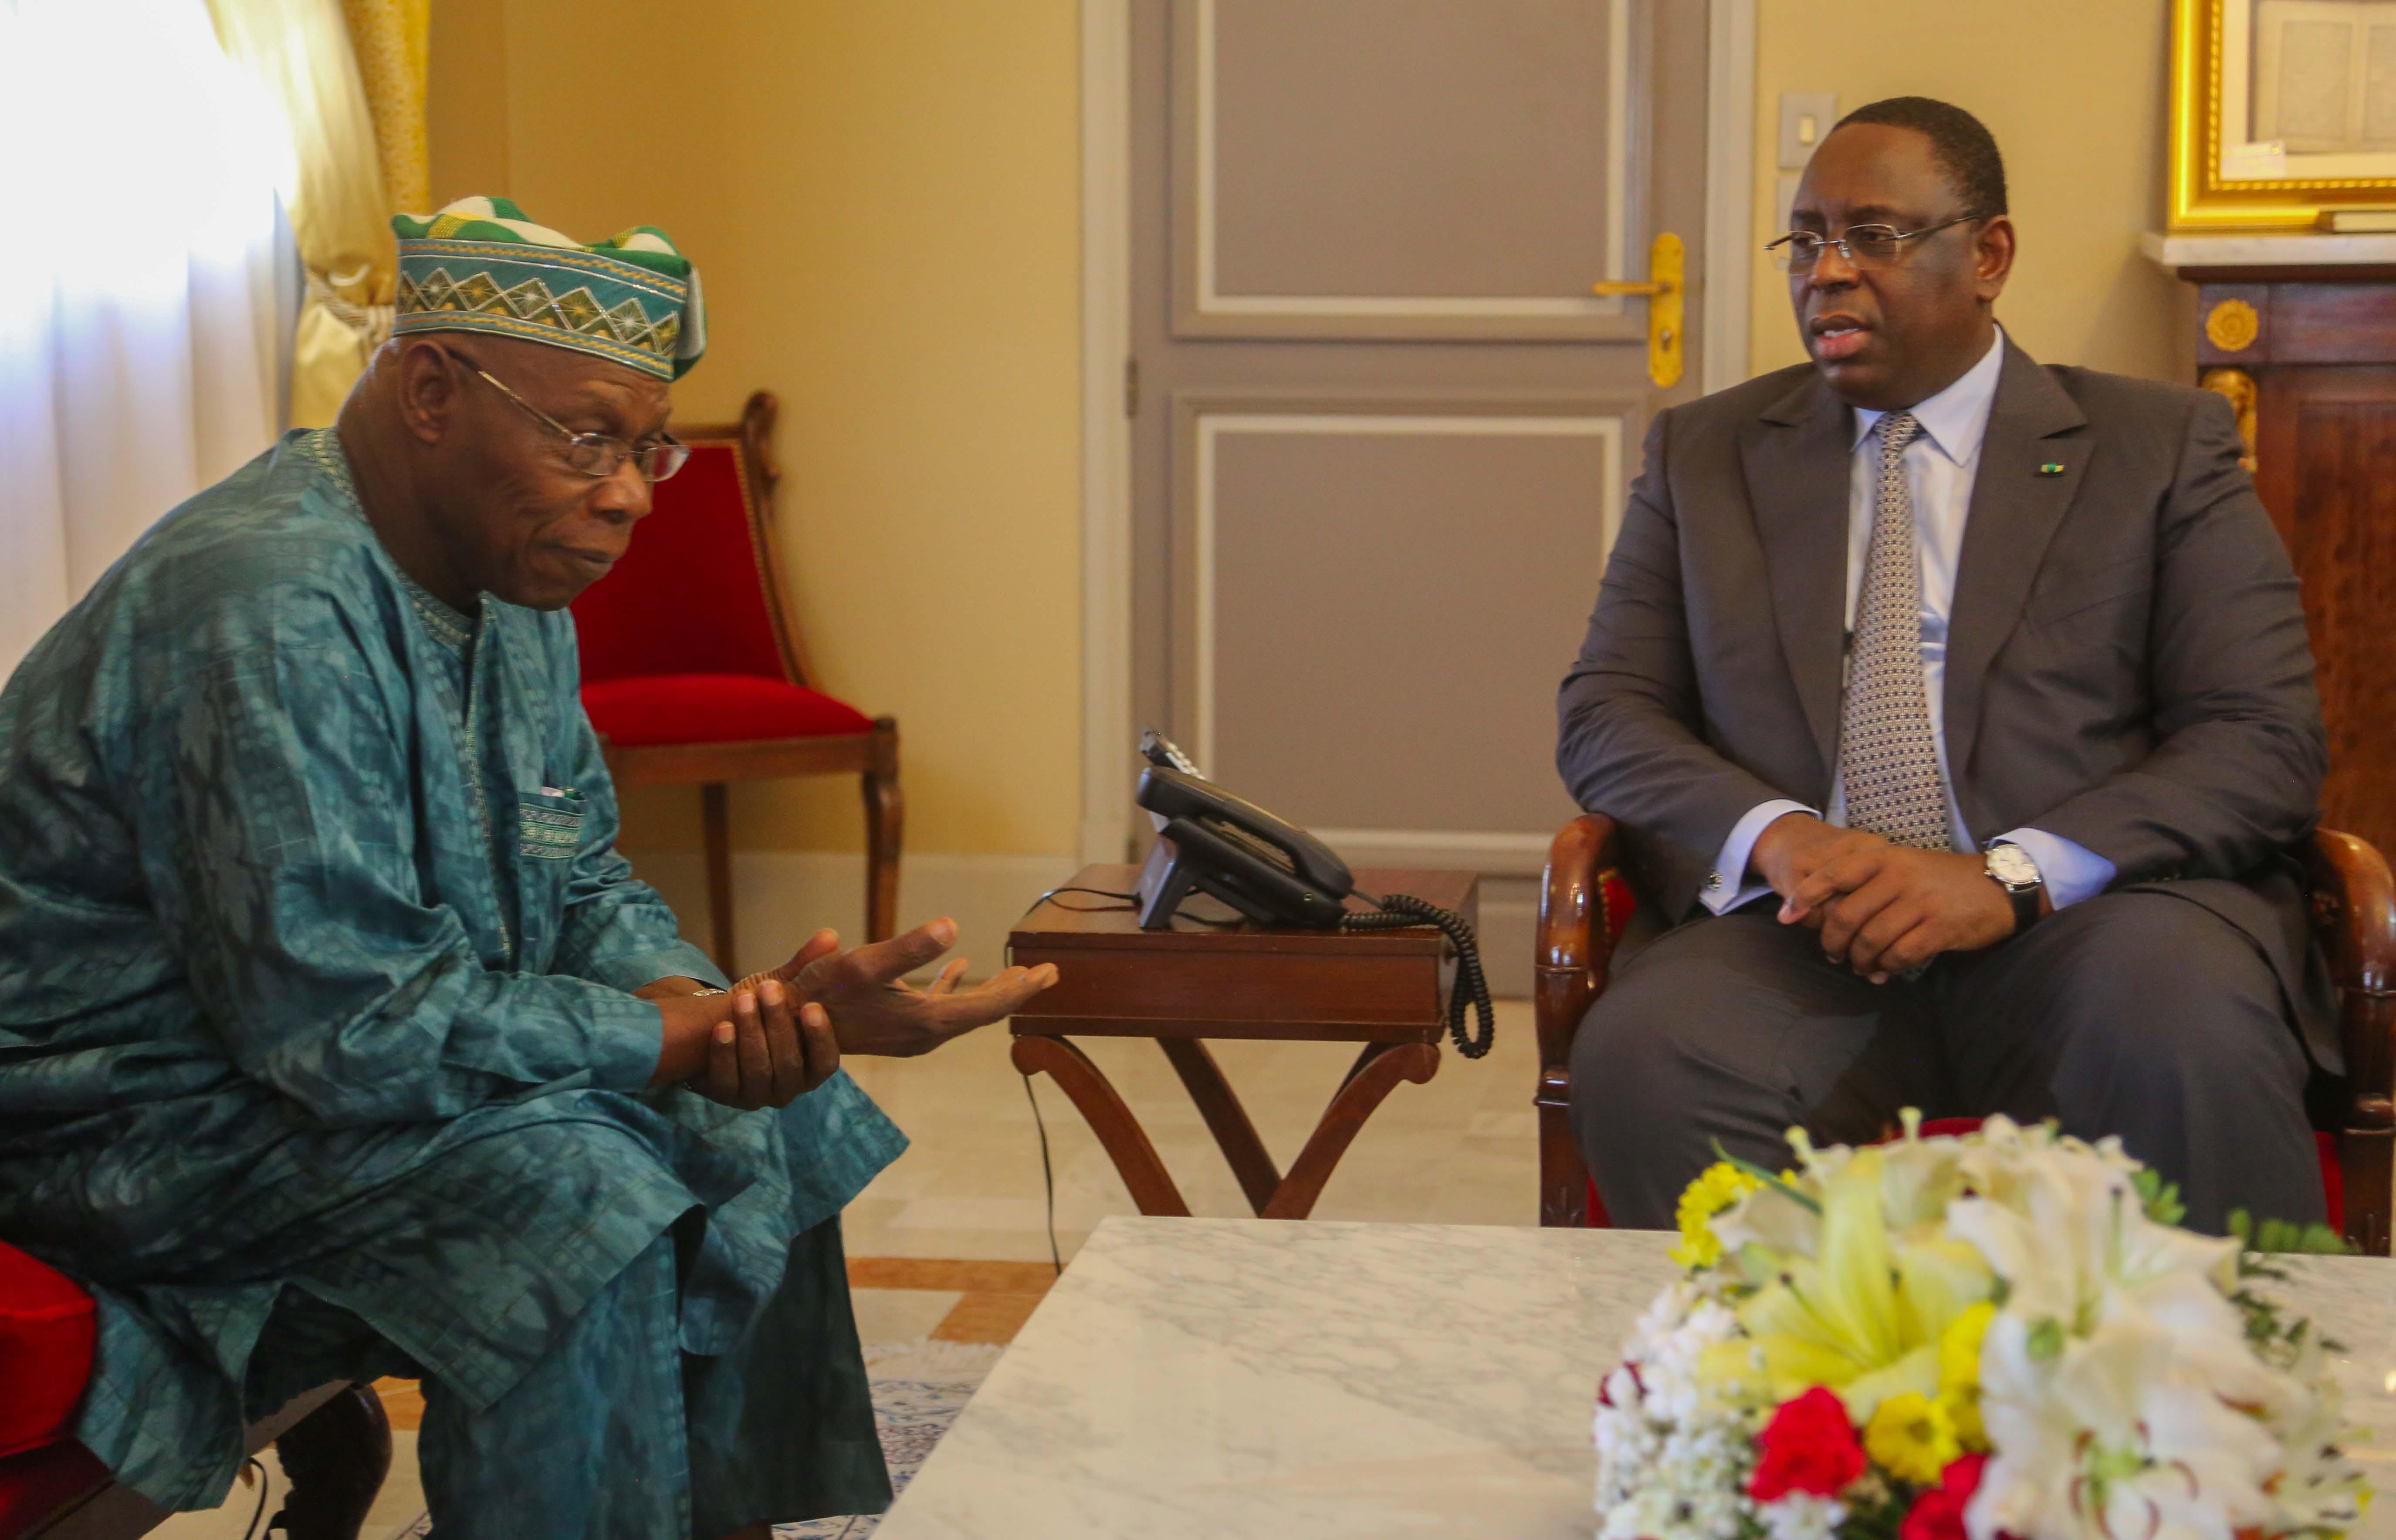 Crise politique en Guinée Bissau: Macky Sall reçoit Olusegun Obasanjo